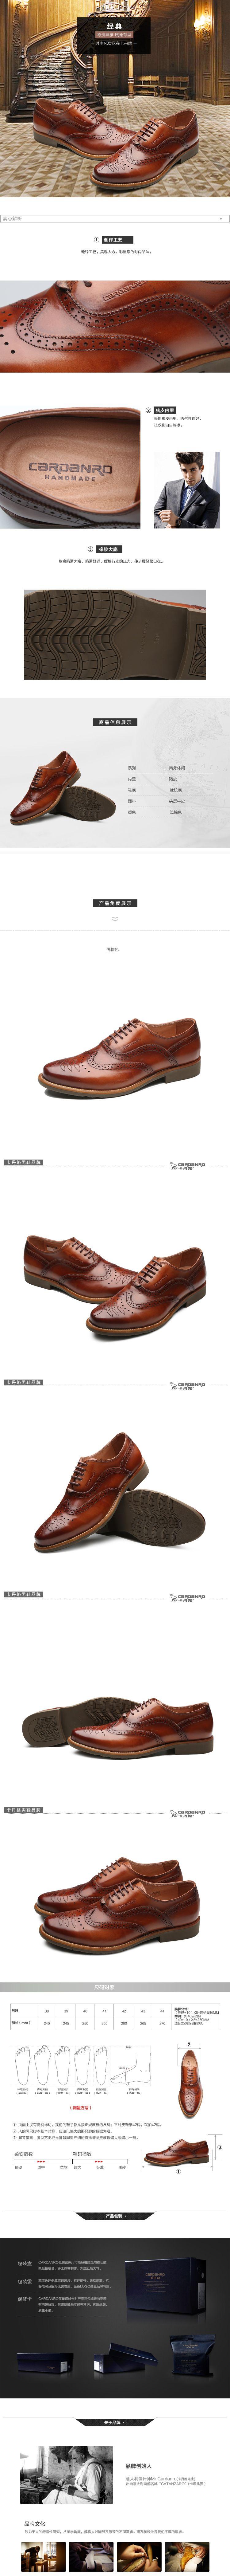 浅棕色牛皮欧式时尚商务皮鞋